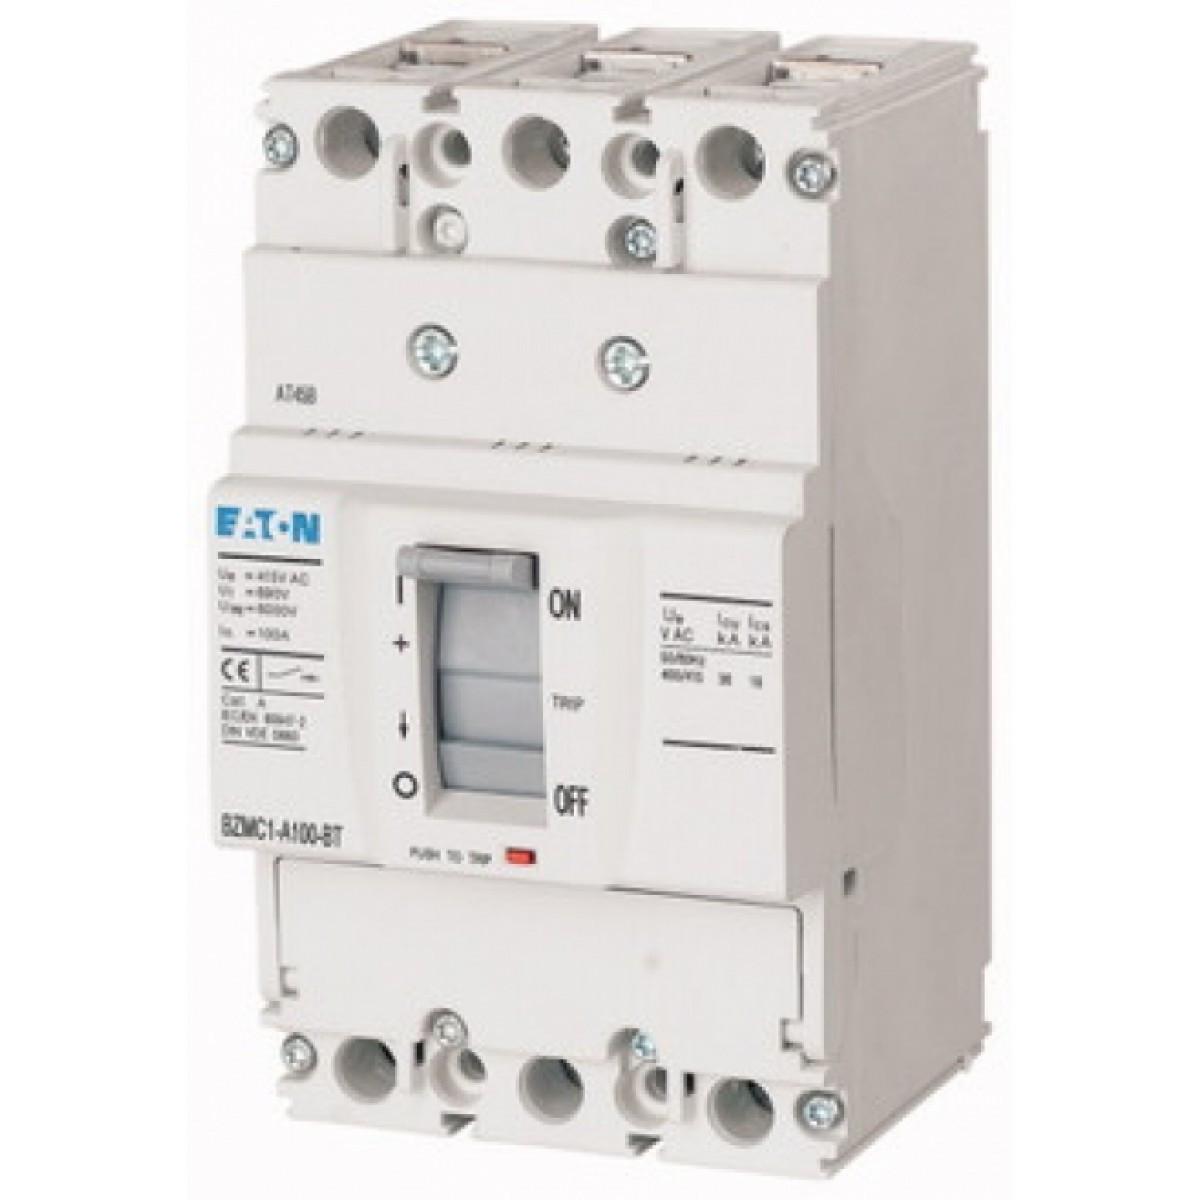 Выключатель автоматический BZMB1-A50-BT (50А 25кА) Eaton (109750)